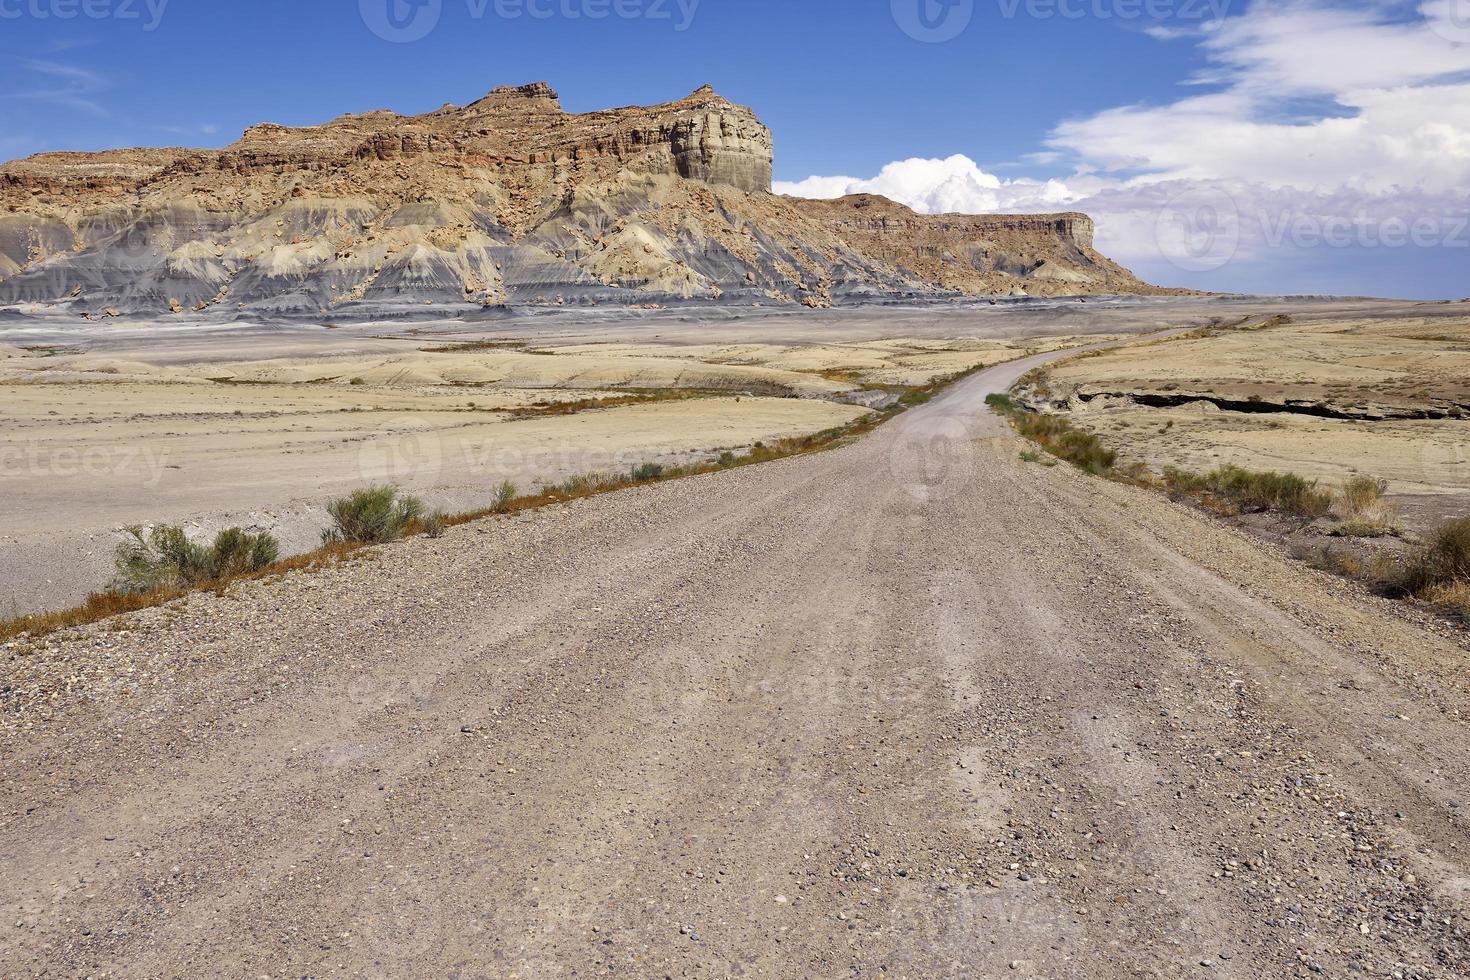 strada sterrata del deserto foto